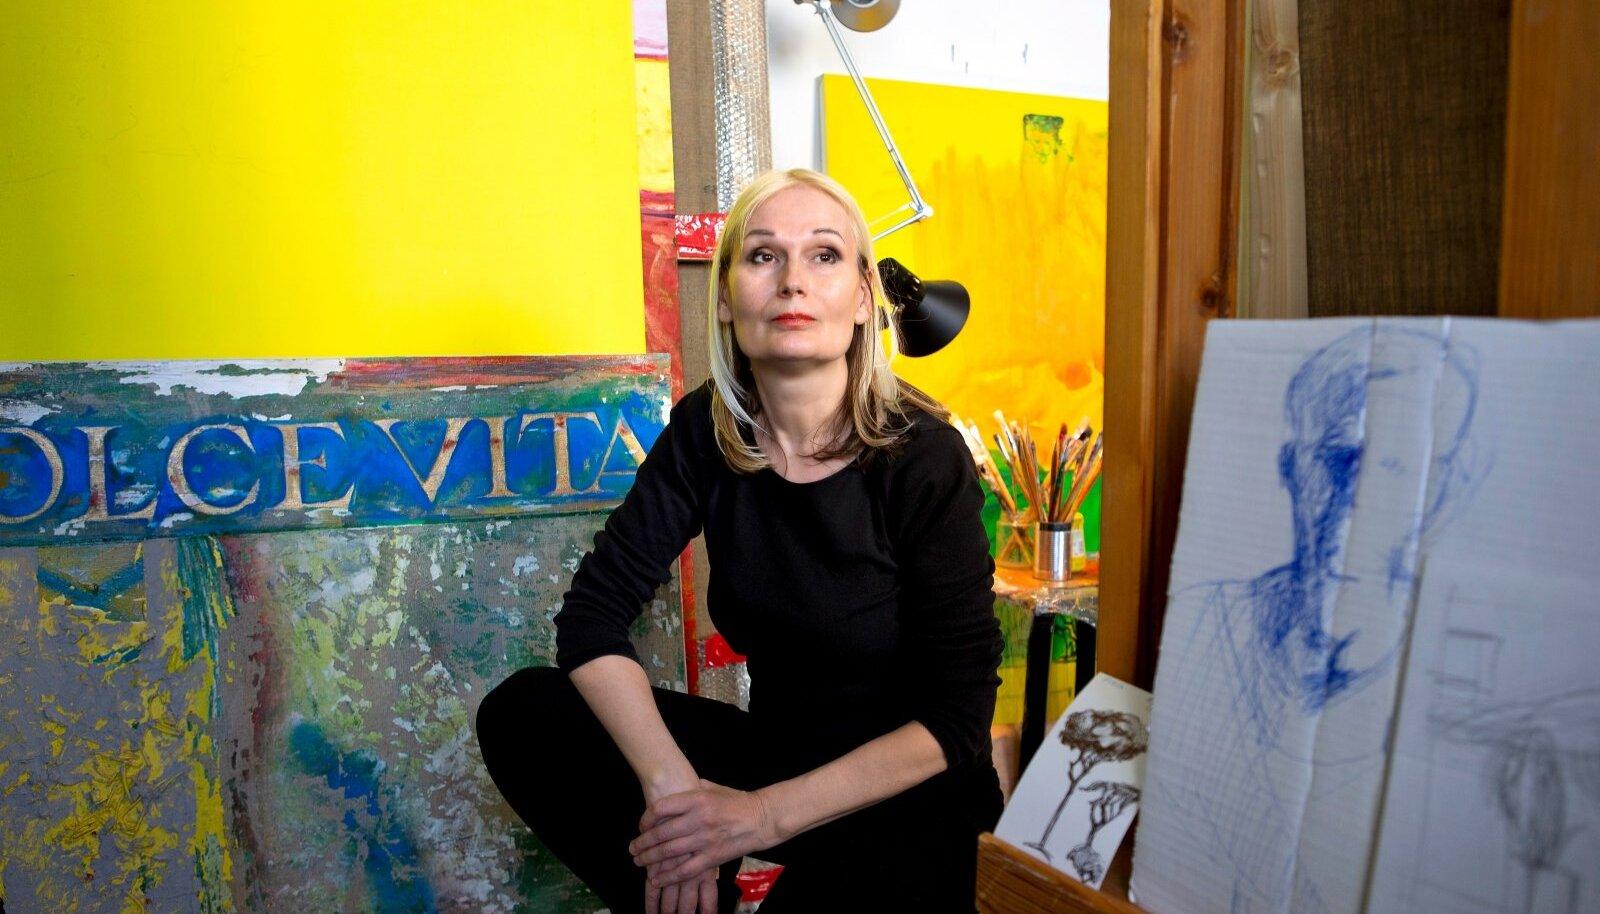 """Tammetalu ja õlimaal """"La dolce vita"""", maalitud 1993–2021. See 27 aasta vältel valminud teos leiab peagi koha ühe Eesti kunstikoguja kollektsioonis."""